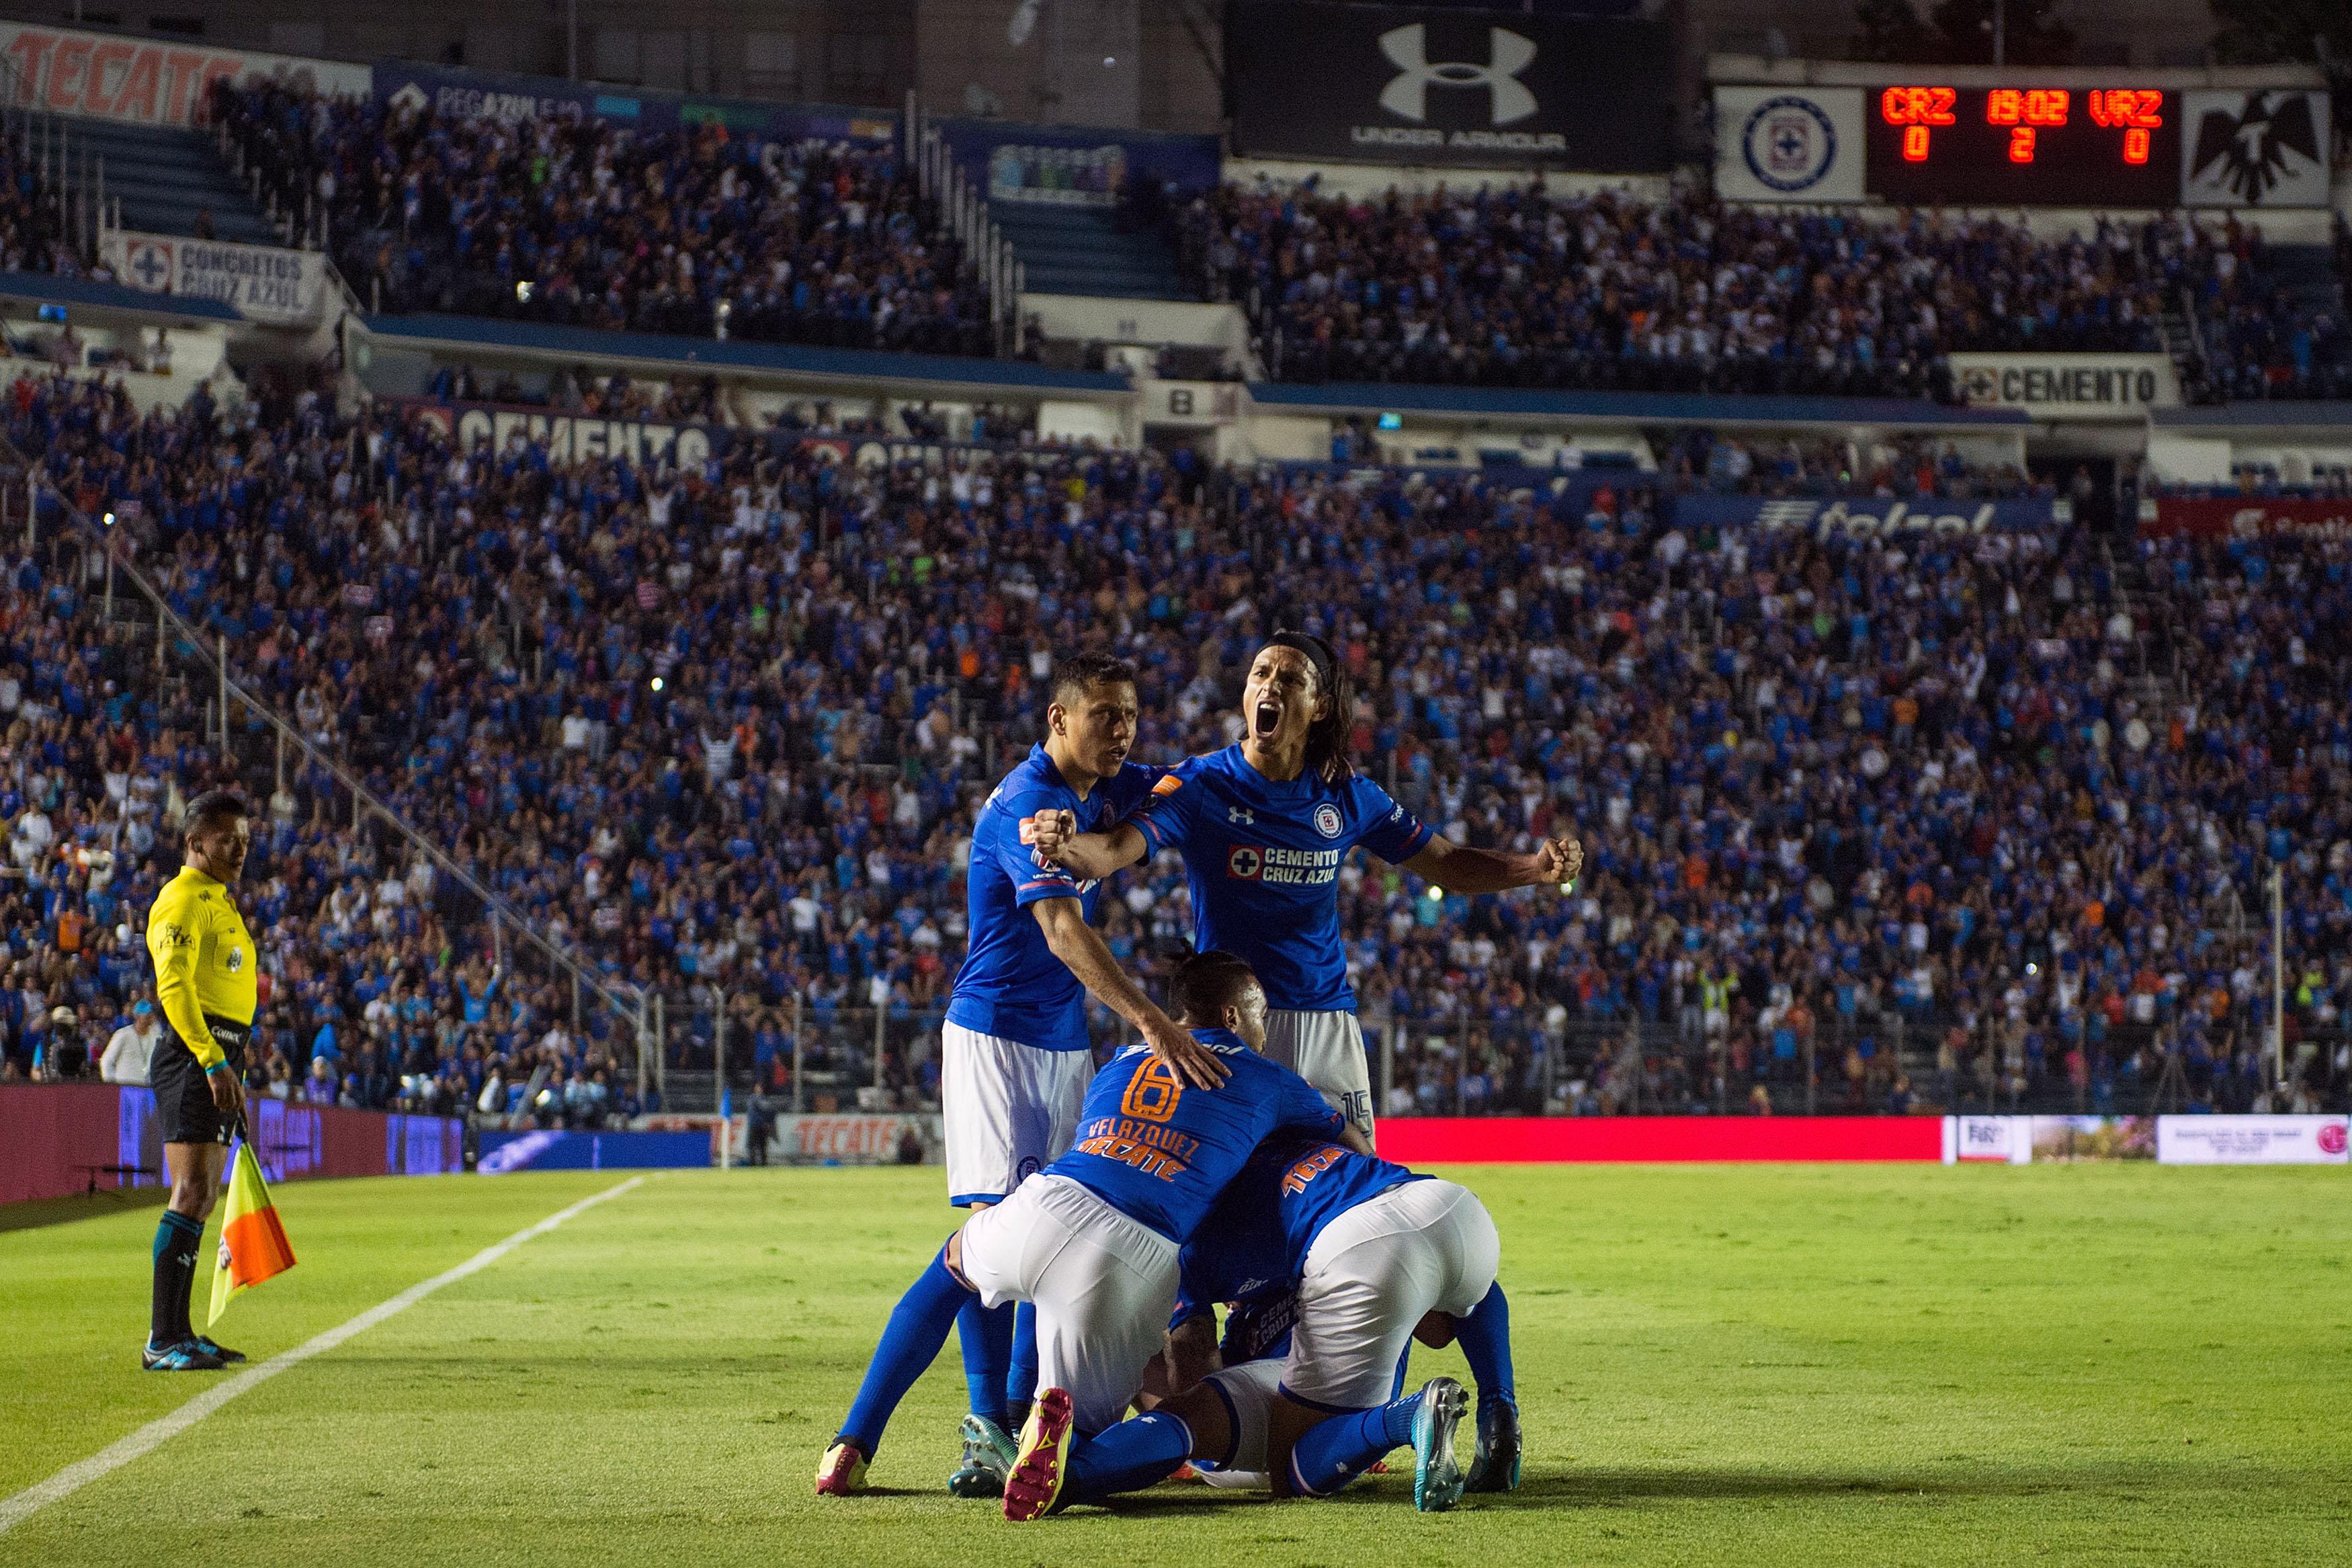 Cruz Azul, Estadio Azul, Entrenamientos, Puerta Abierta, Aficionados, Horarios, Boletos, Partido, Pumas, Precio, Clausura 2018